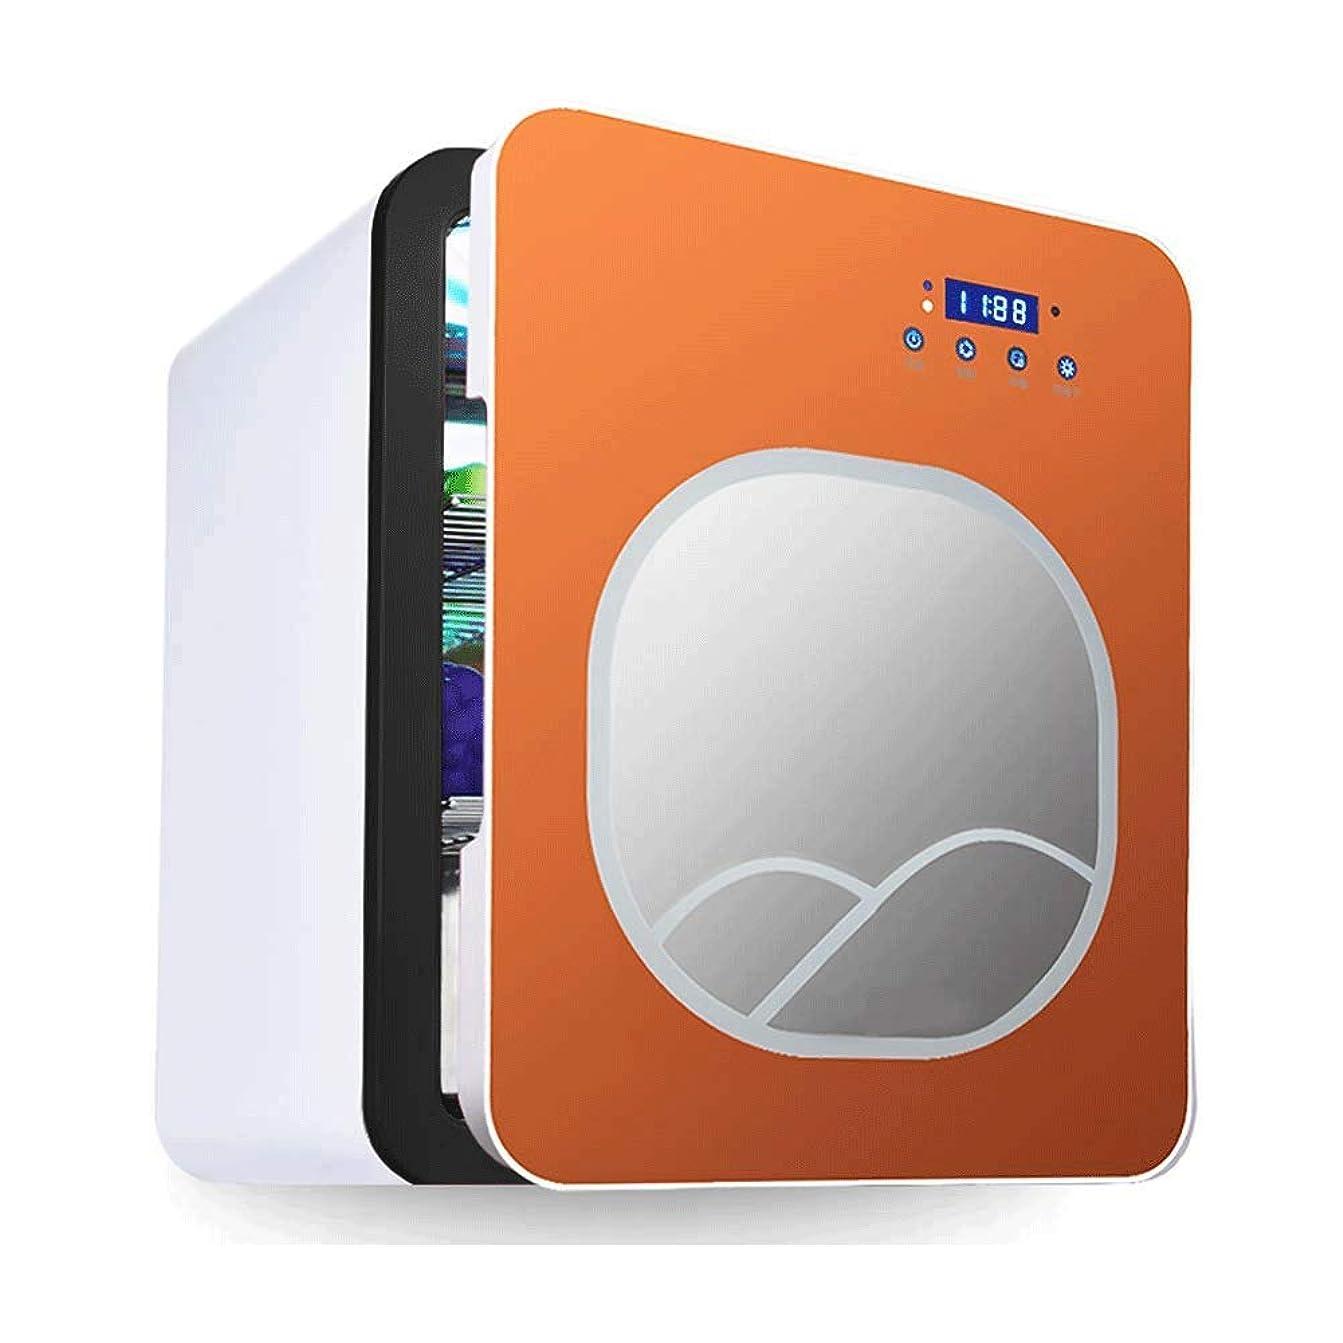 時計回り松の木刺す消毒キャビネット、20Lボトル滅菌器、乾燥UV滅菌、多機能滅菌functionalでた牛乳瓶ポットケア製品、家庭用小型デスクトップ